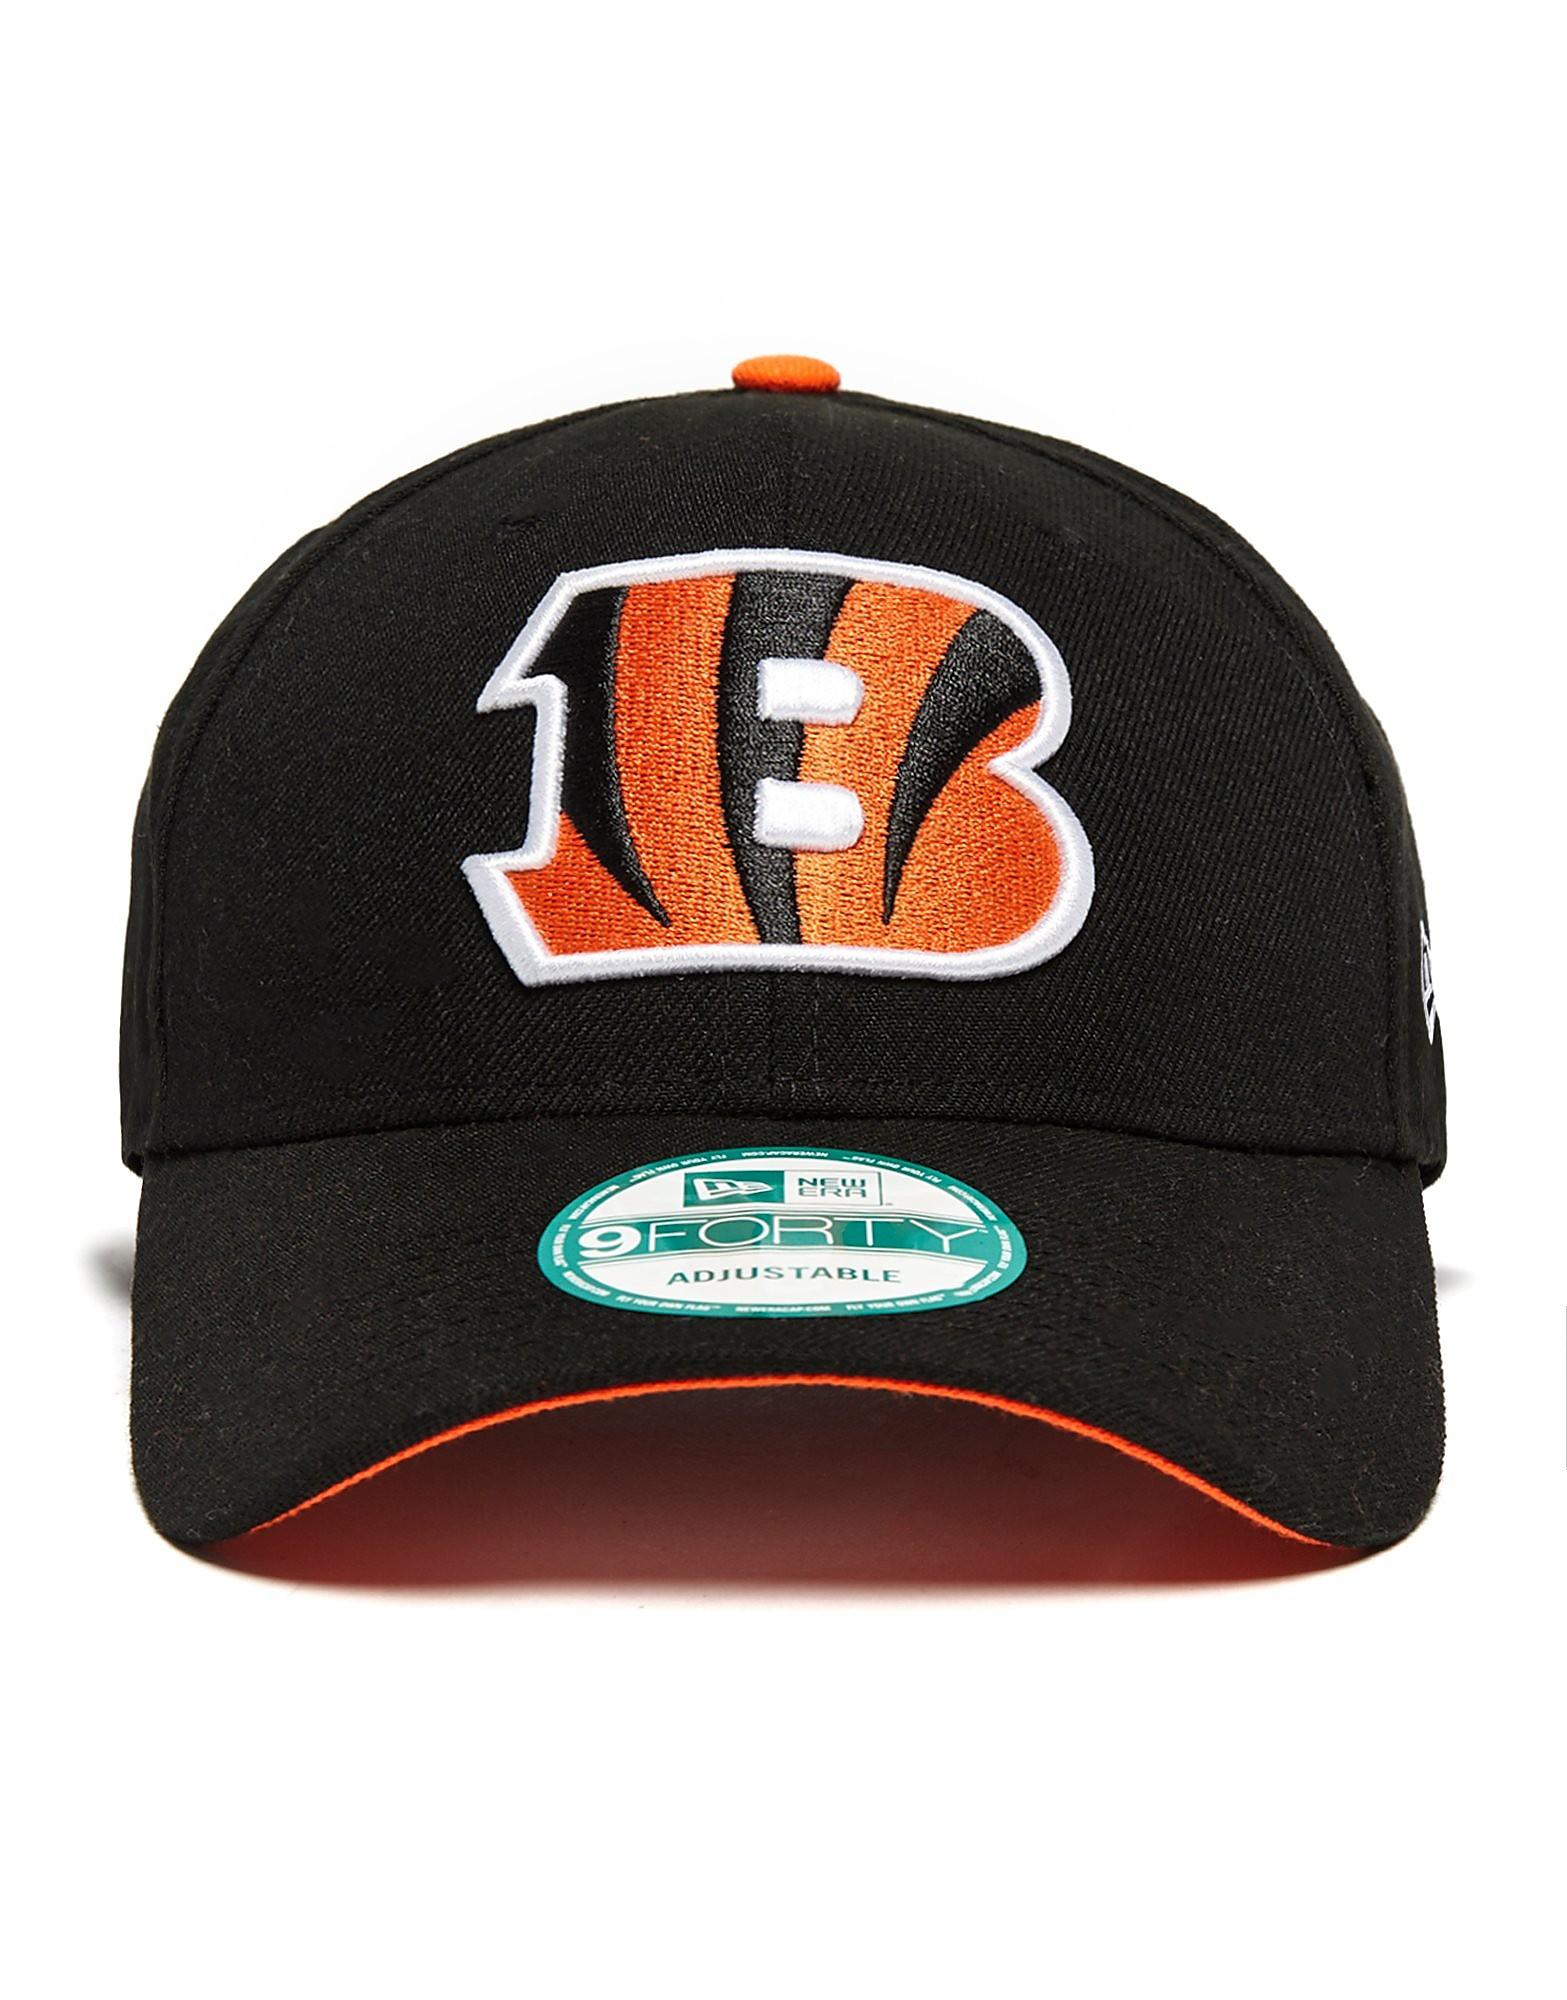 New Era 9FORTY NFL Cincinnati Bengals Cap